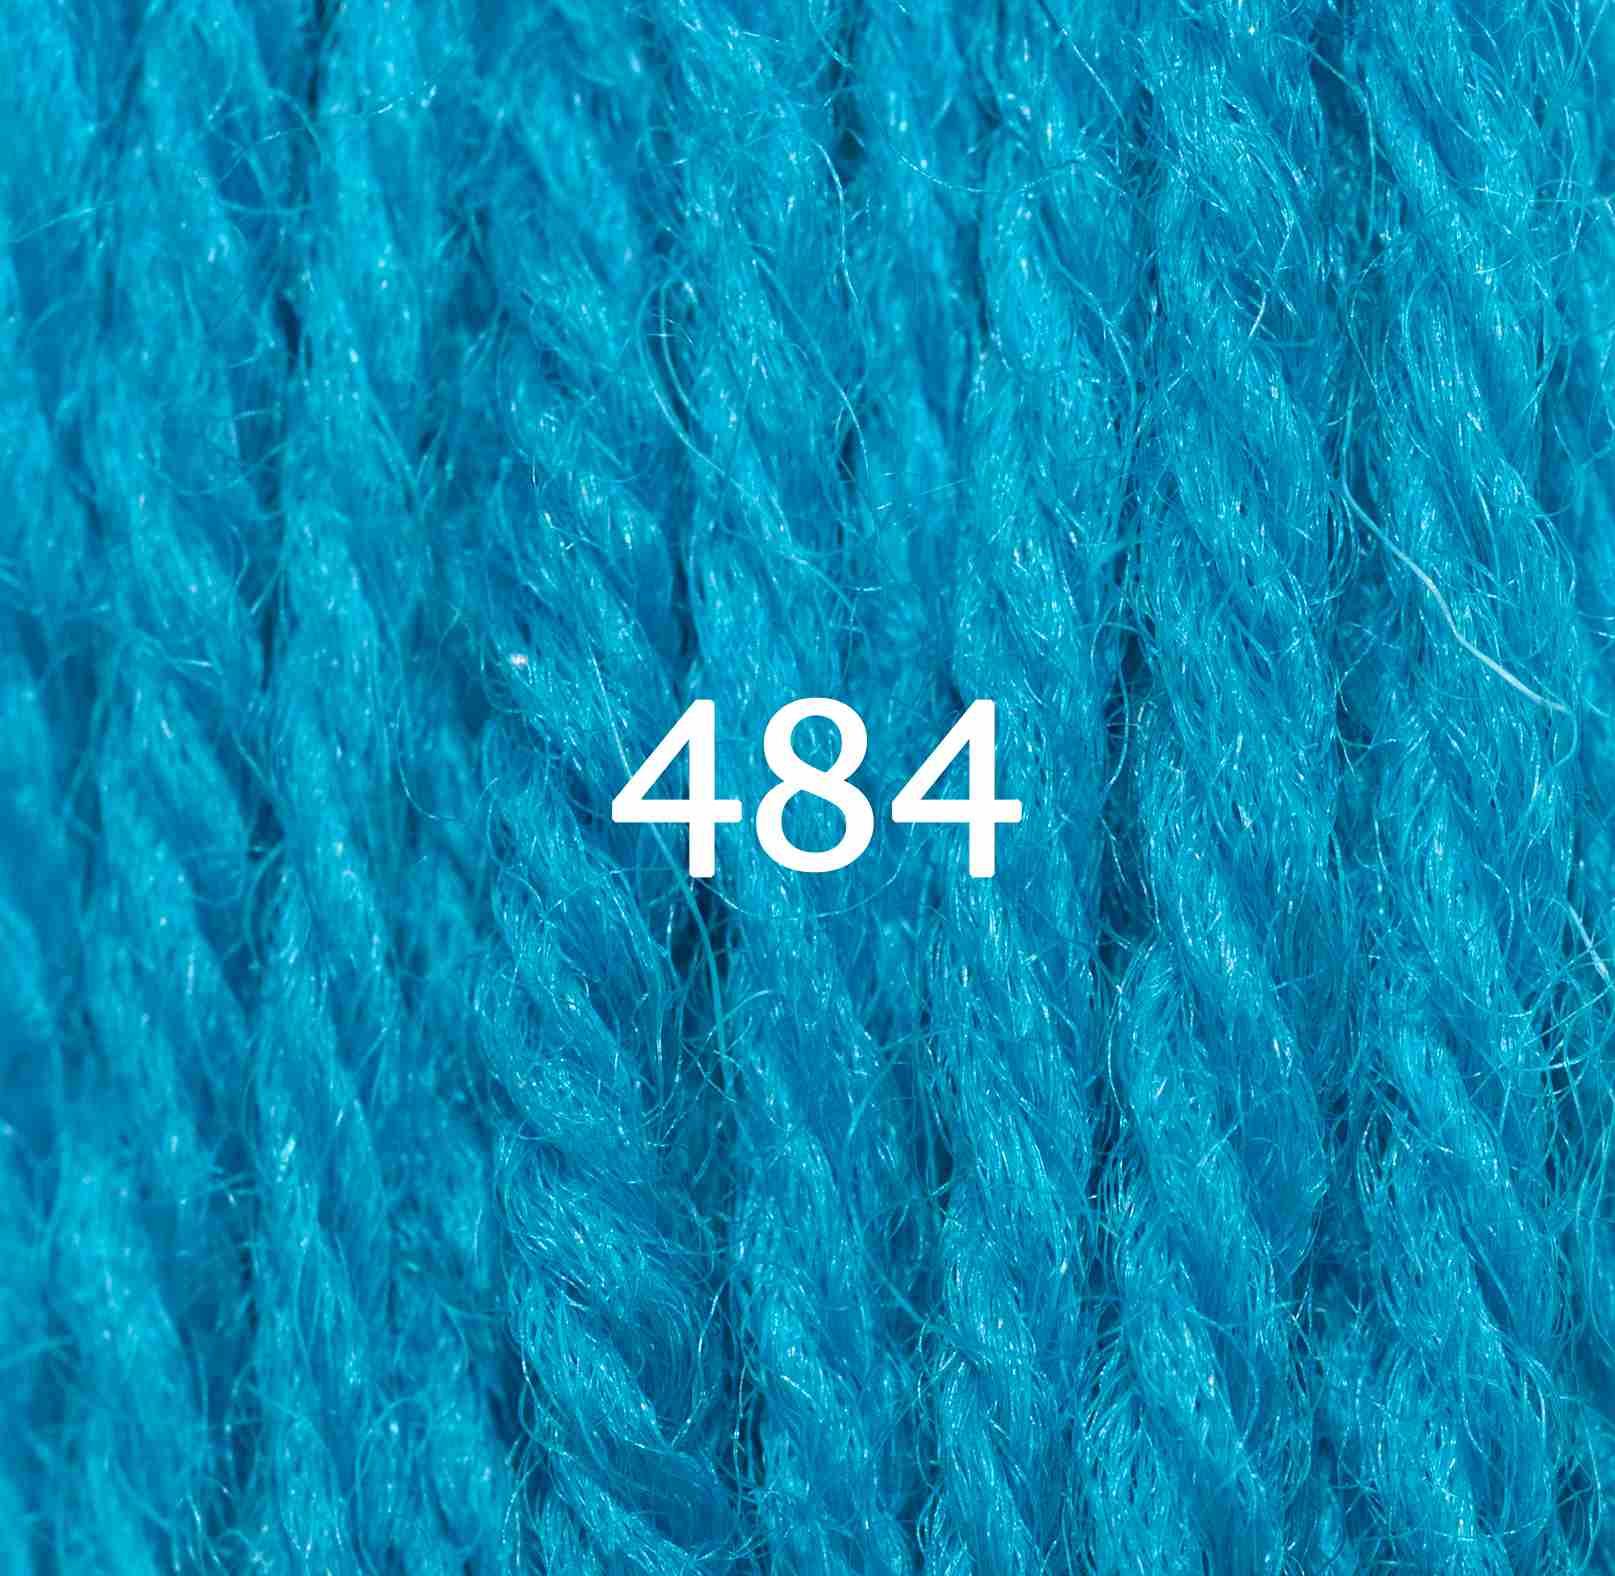 Kingfisher-484